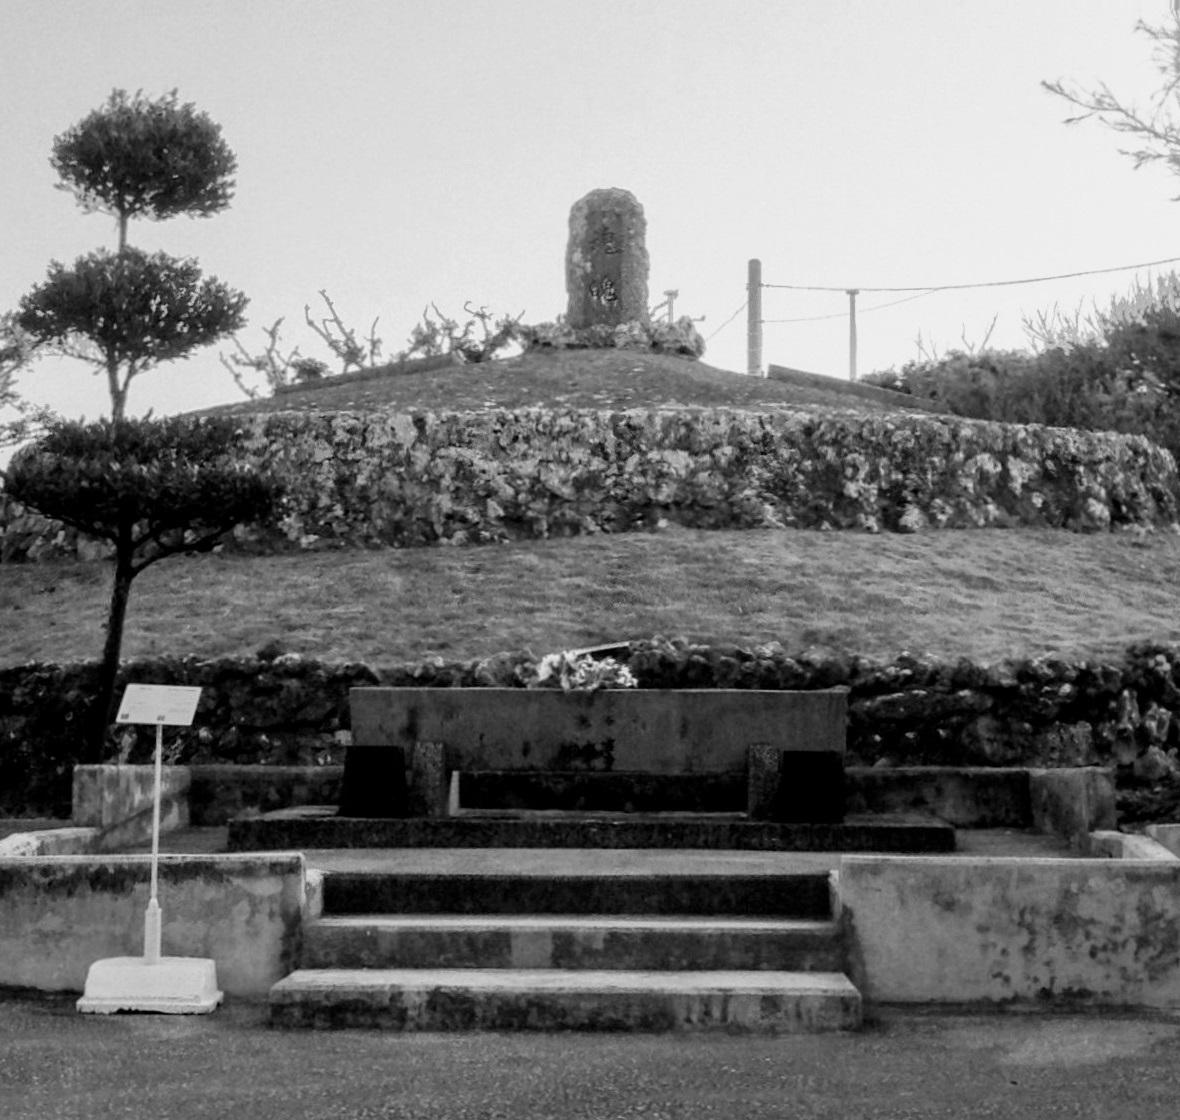 魂魄の塔(ヰキペディア) 1180-1120